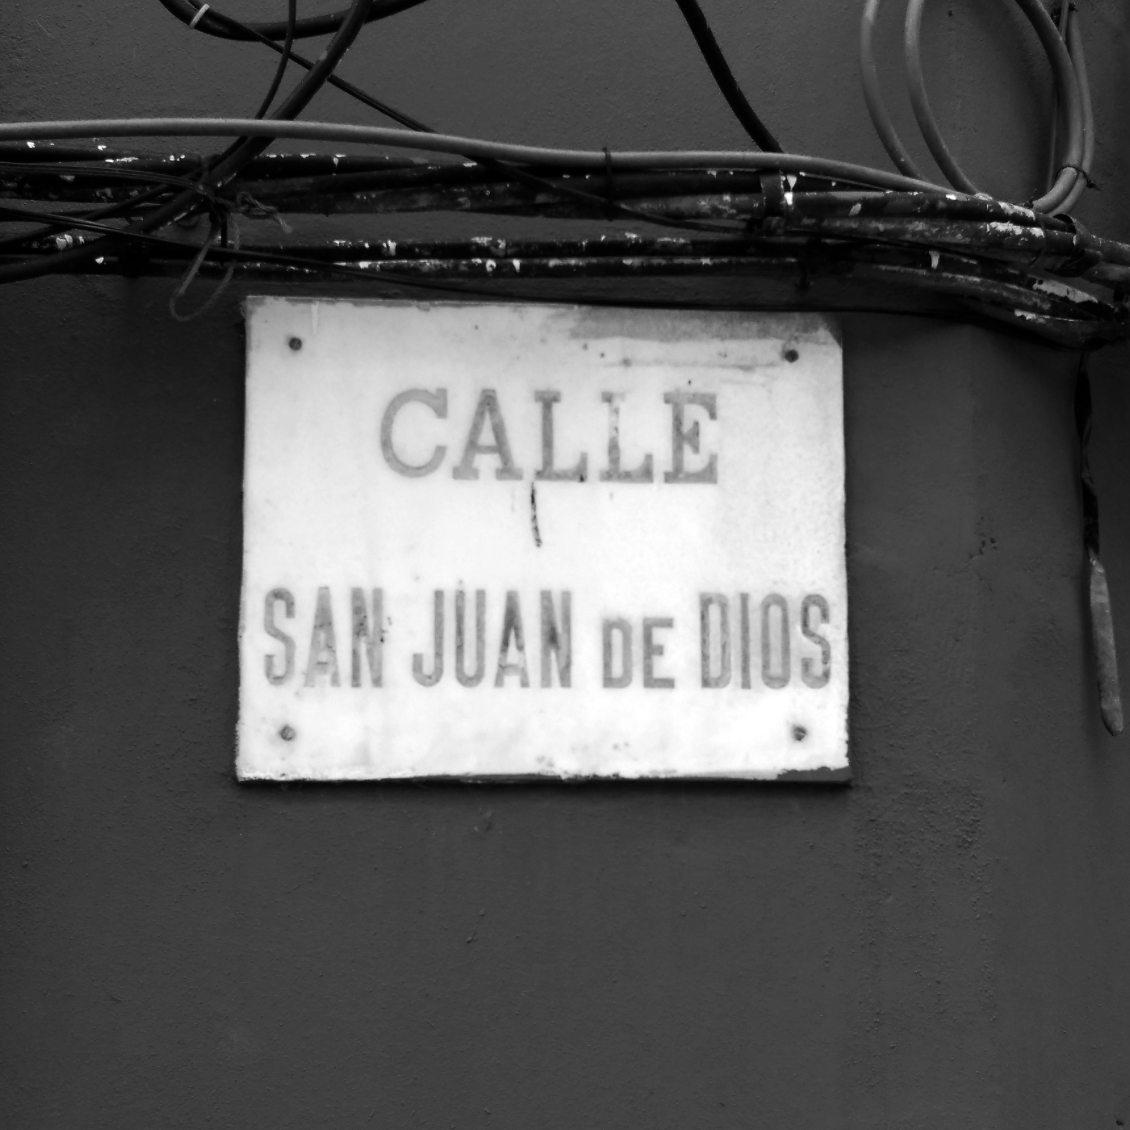 calles_2016-07-14-12.29.37